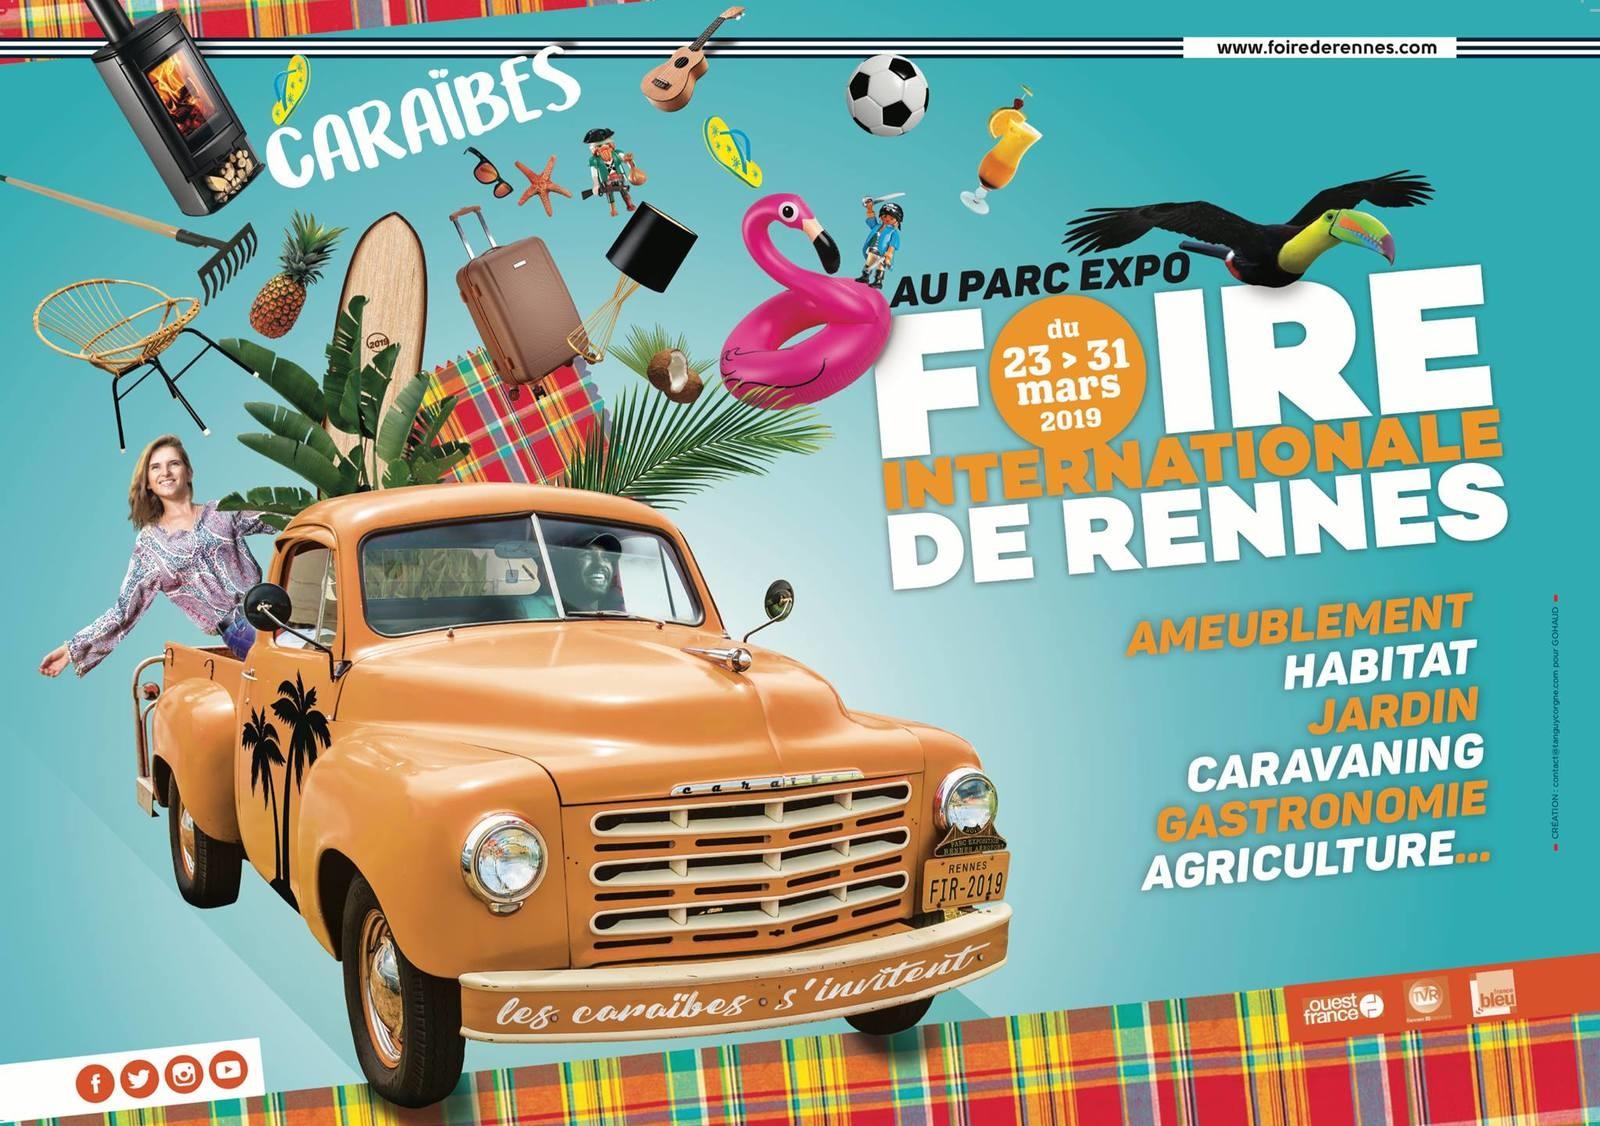 Foire Internationale de Rennes 2019